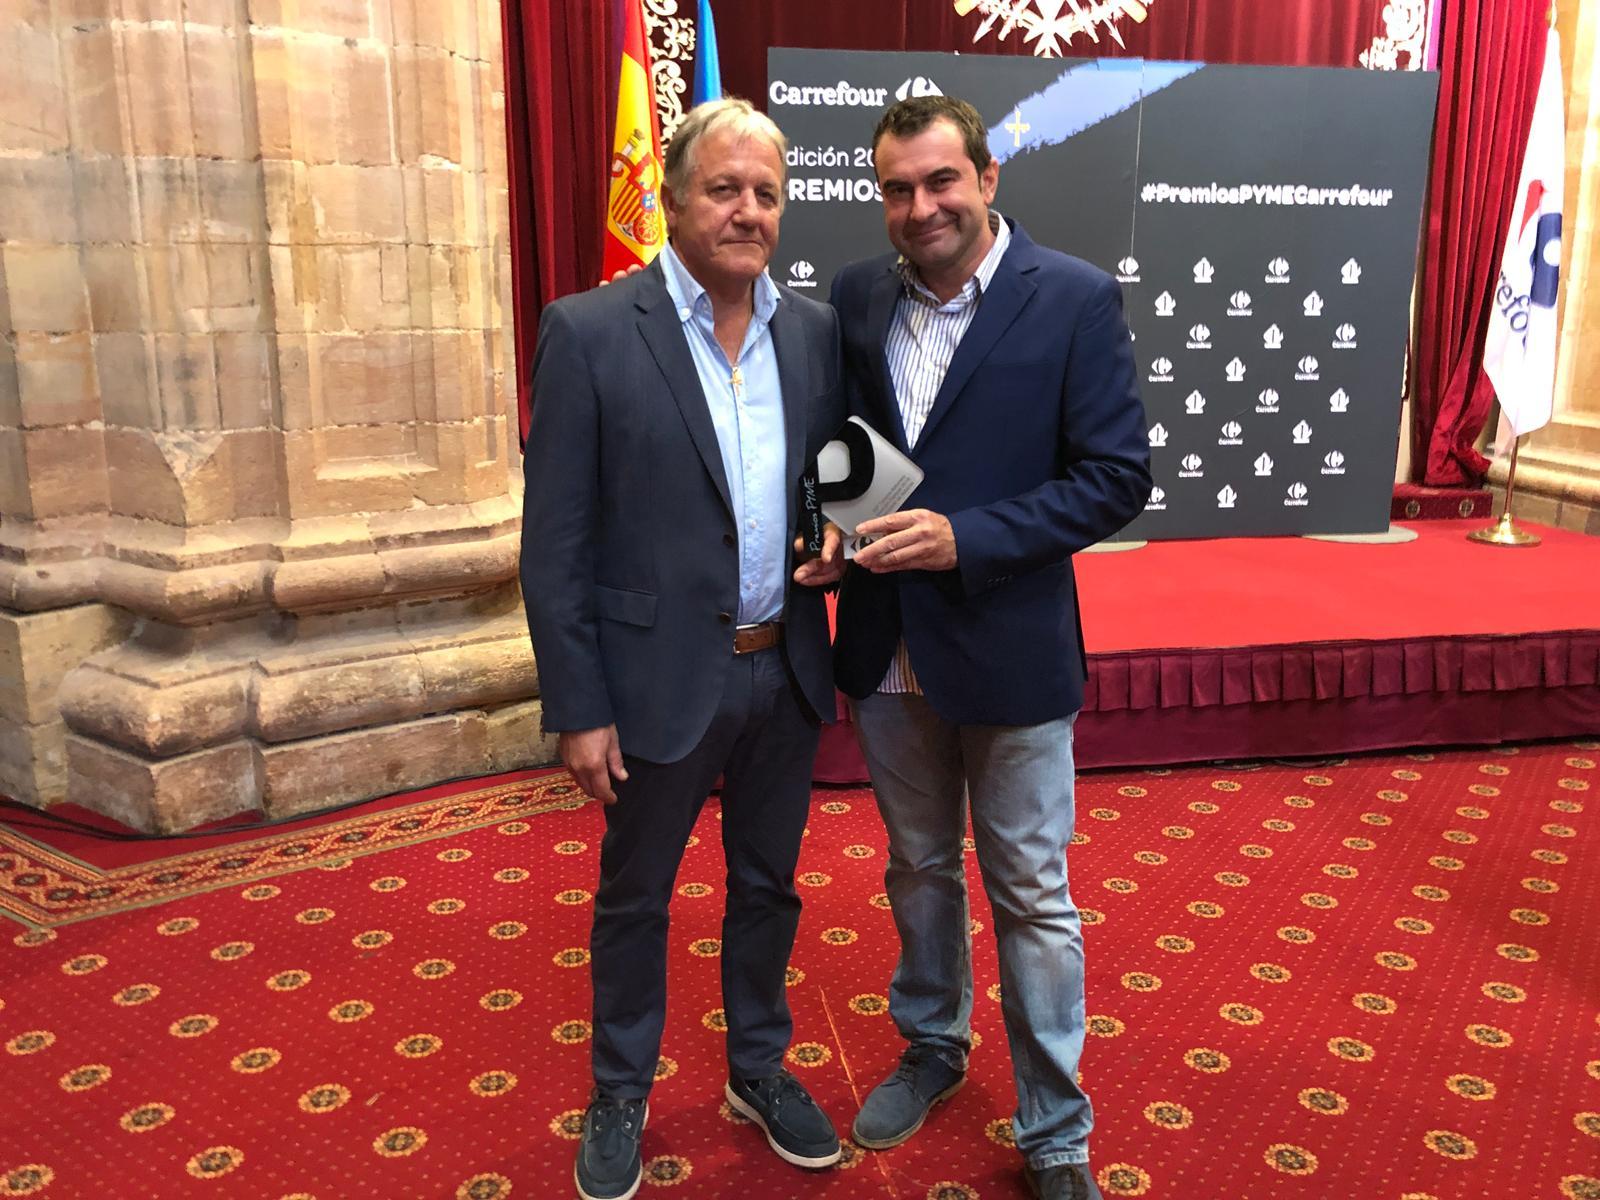 La multinacional francesa Carrefour premia a la I.G.P. Ternera Asturiana por su defensa del medio ambiente, el medio rural y el bienestar animal